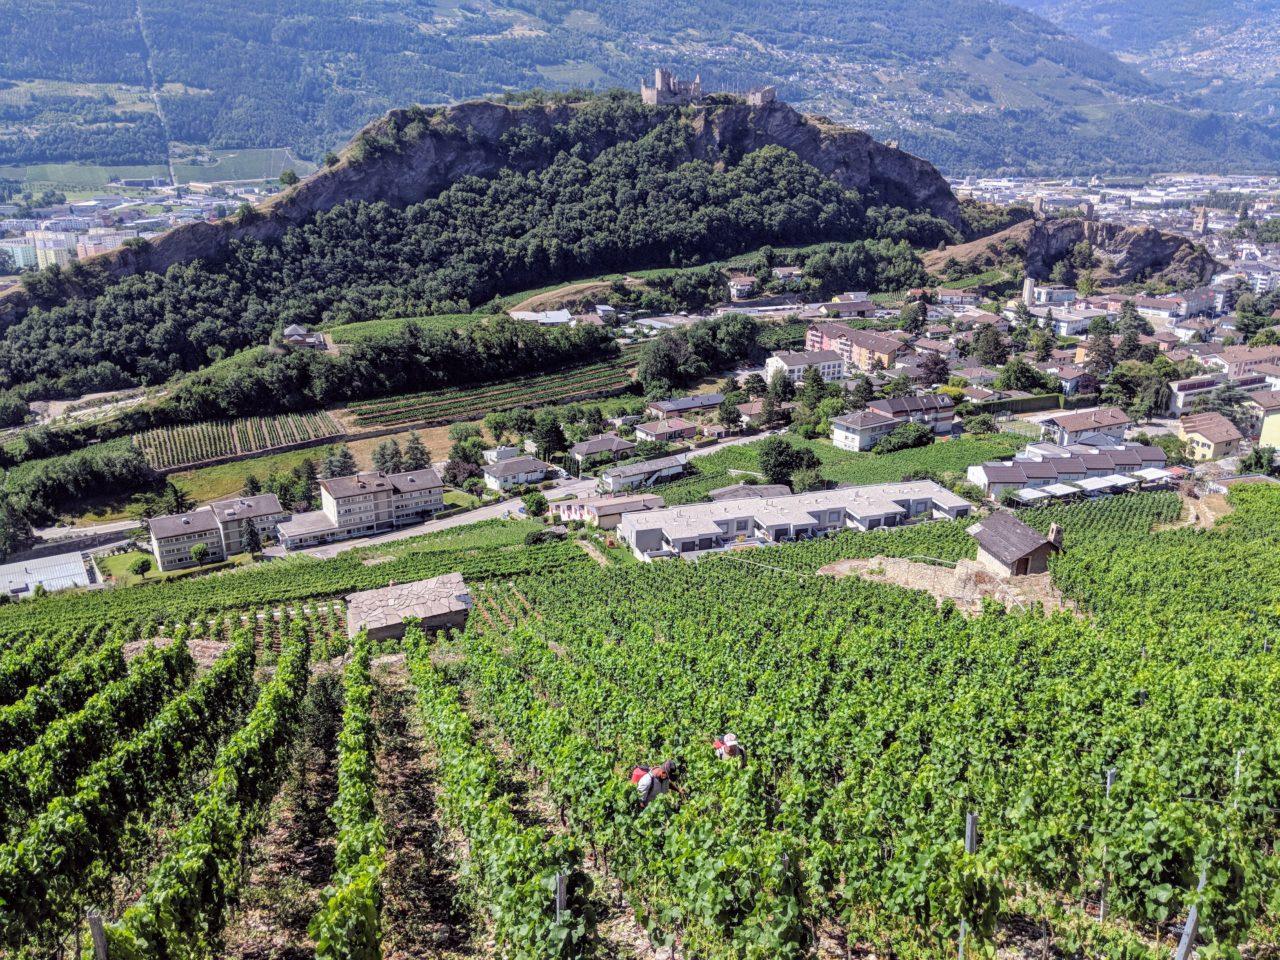 zafiri_vineyards_valais_switzerland